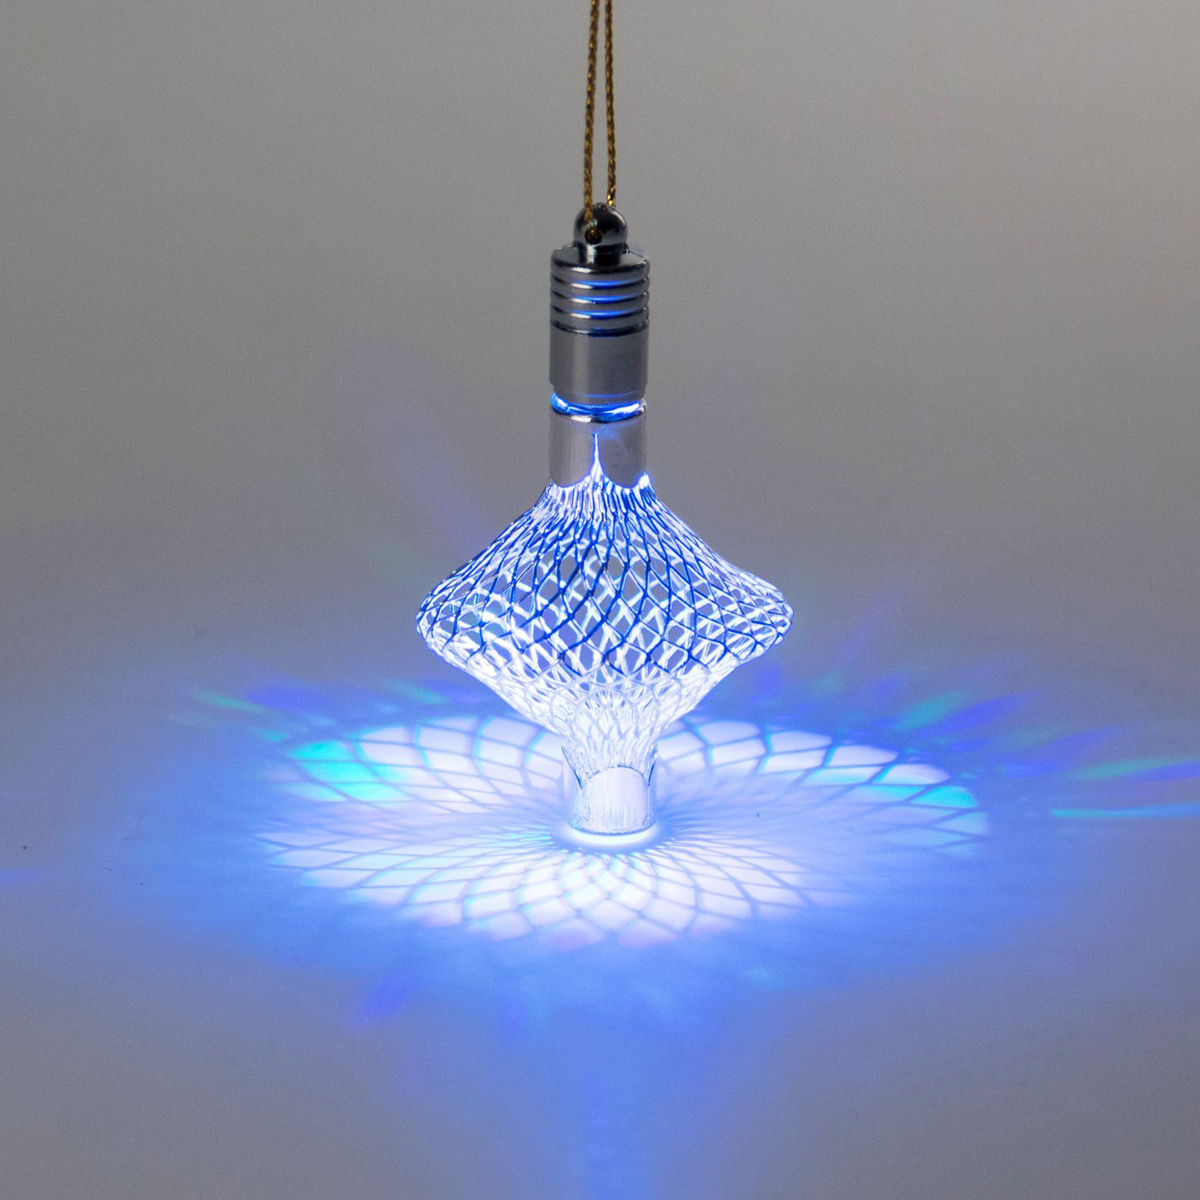 Украшение новогоднее подвесное Luazon Lighting Фонарик, световое, цвет: серебристый, 7 см. 23271892327189Световая новогодняя подвеска Luazon Lighting выполнена из металла в виде фонарика. Елочное украшение выглядит как простая елочная игрушка днем, но при этом остается видимой вечером.Просто включите изделие с наступлением темноты, и оно украсит елку огоньками. Подвеска Luazon Lighting работает от батареек (входят в комплект) и пожаробезопасна, так как светодиоды не нагреваются, в отличие от ламп накаливания.